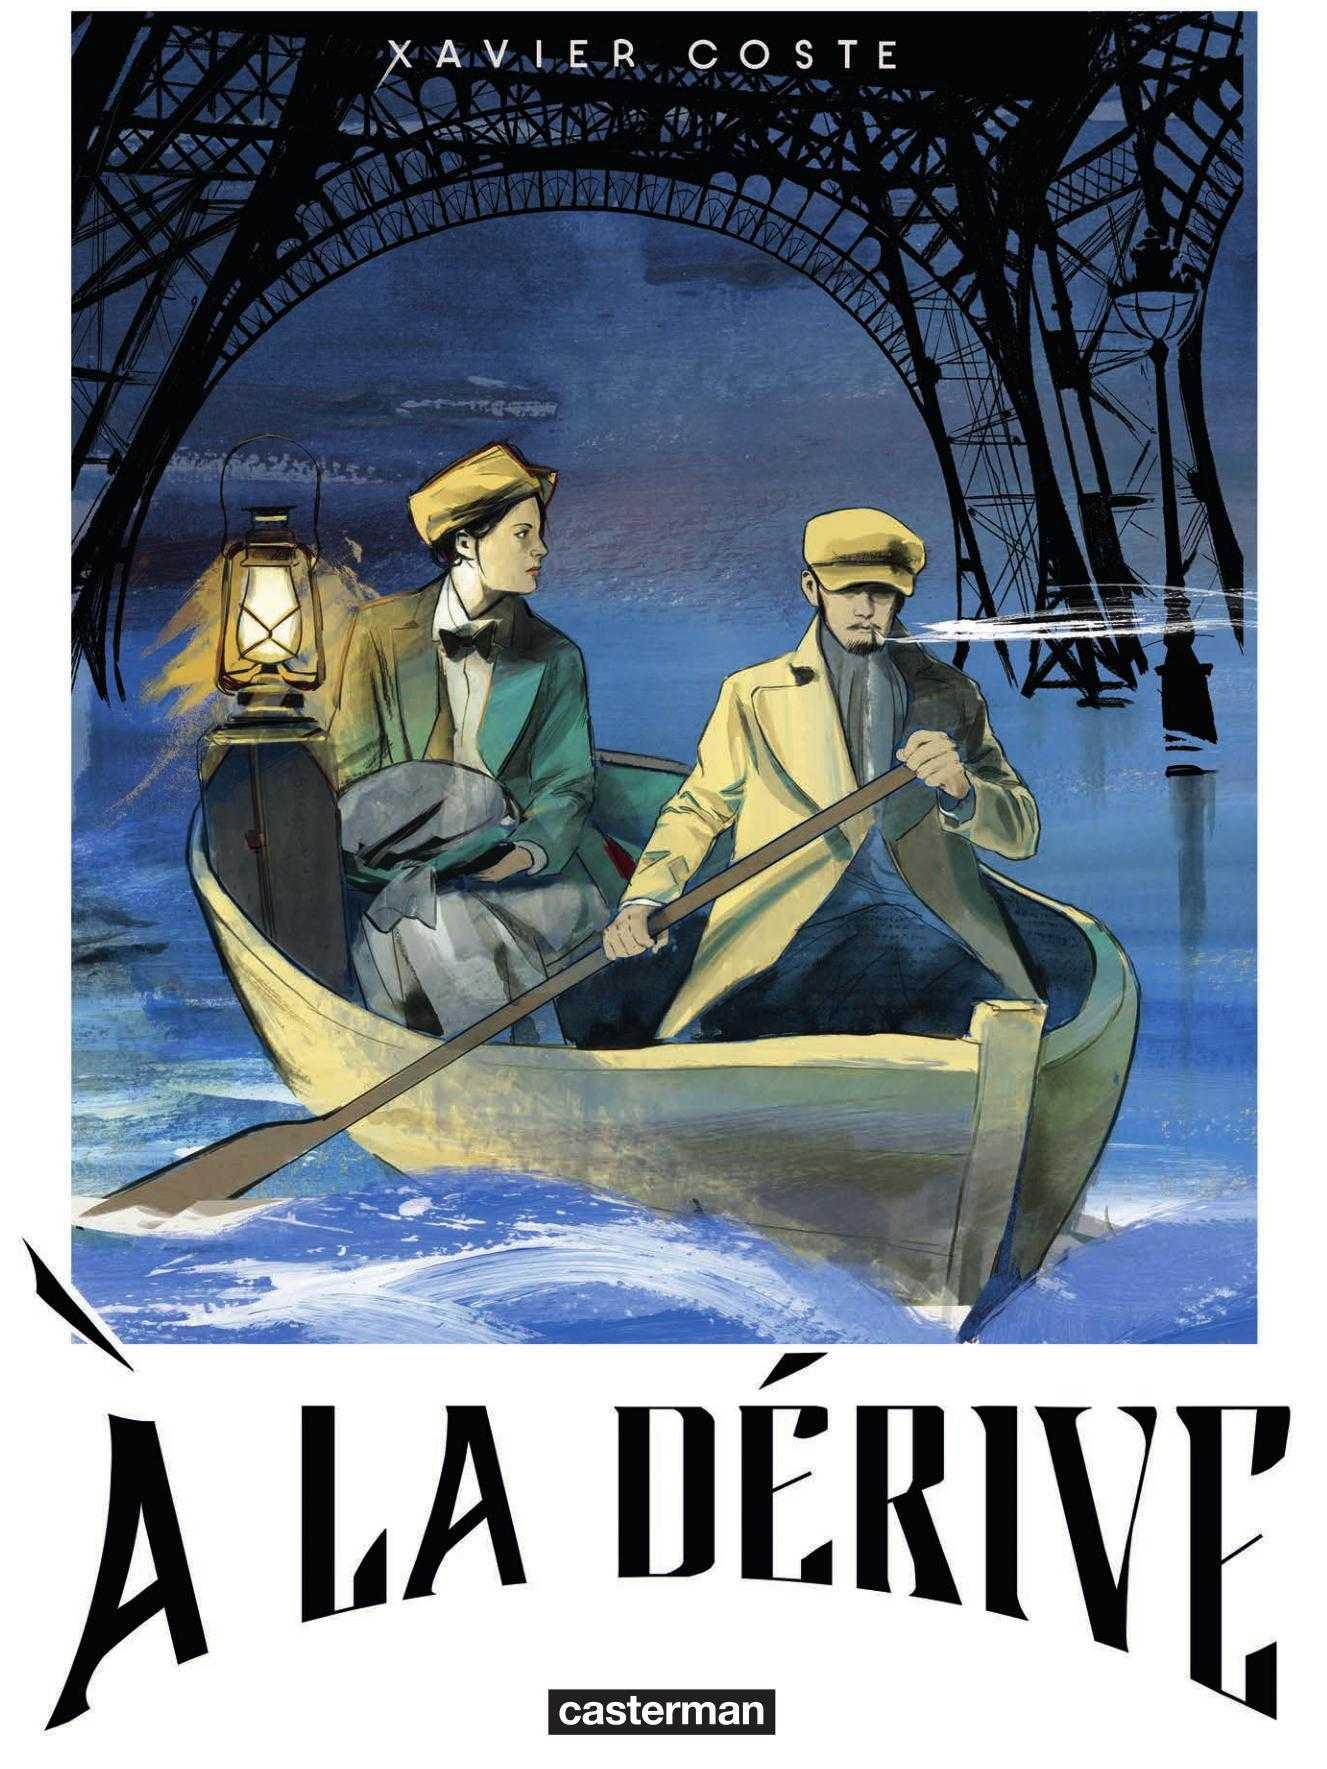 À la dérive, les ambiances surréalistes et aquatiques de Xavier Coste